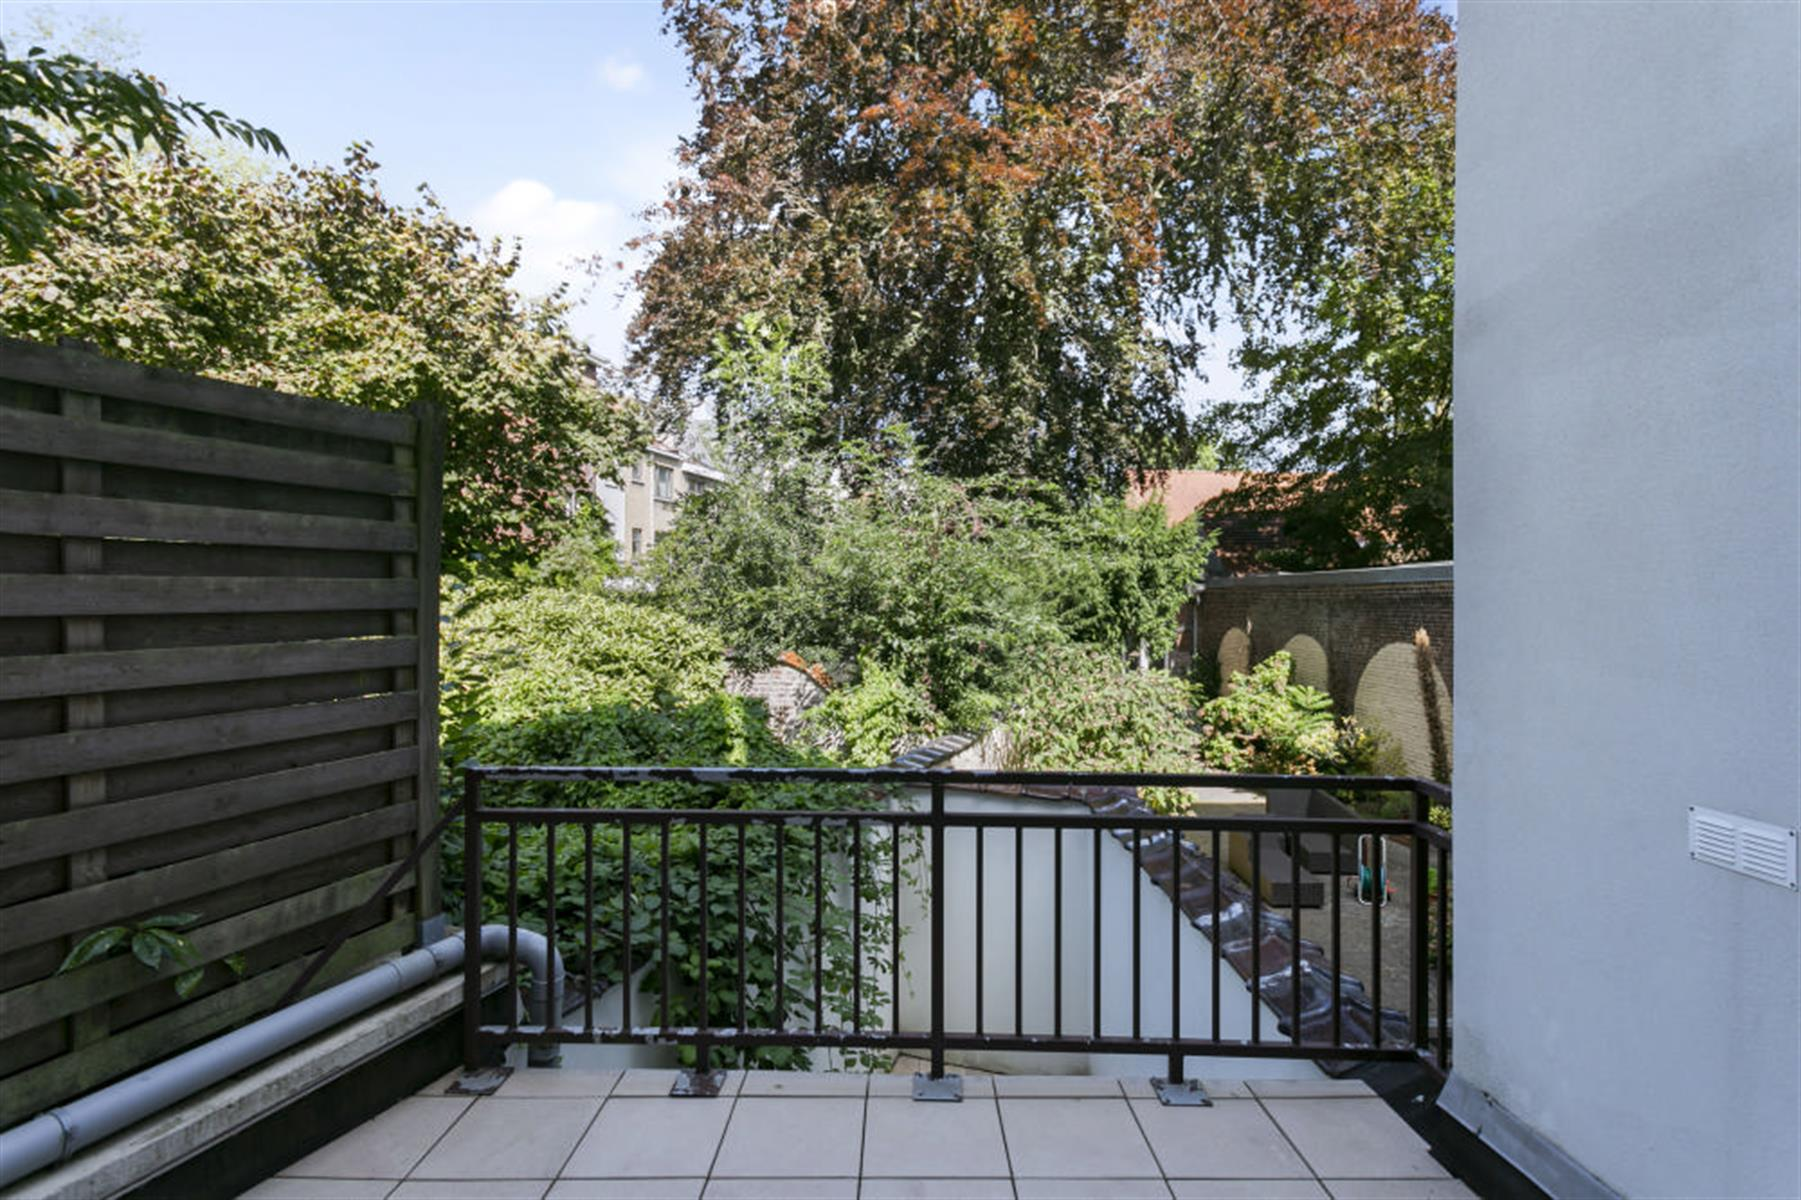 Flat - Ixelles - #3905902-8